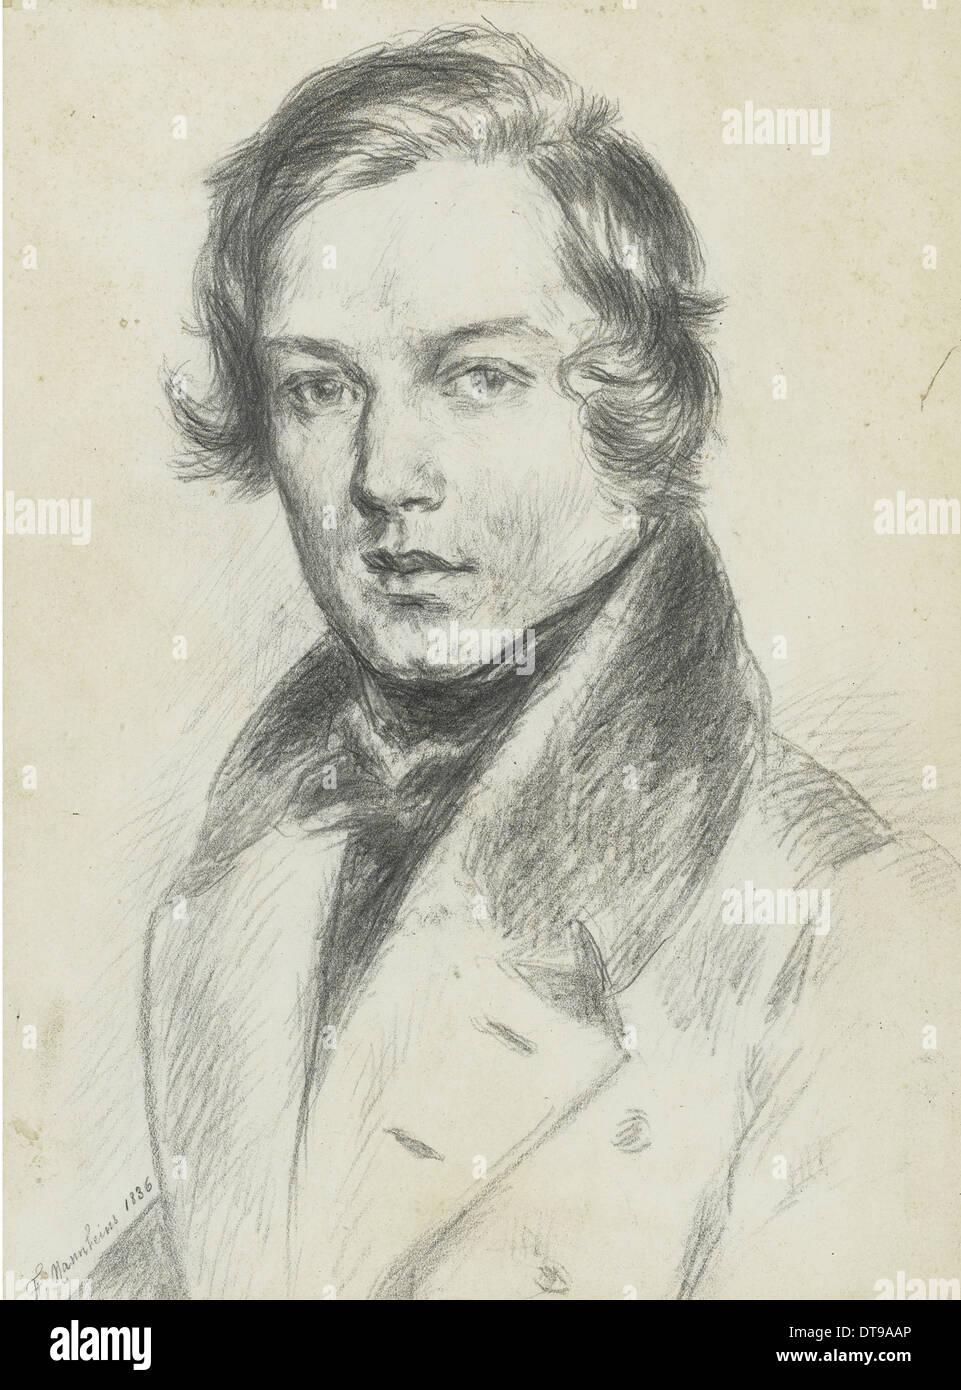 Künstler Mannheim robert schumann 1810 1856 1836 künstler mannheim f aktive